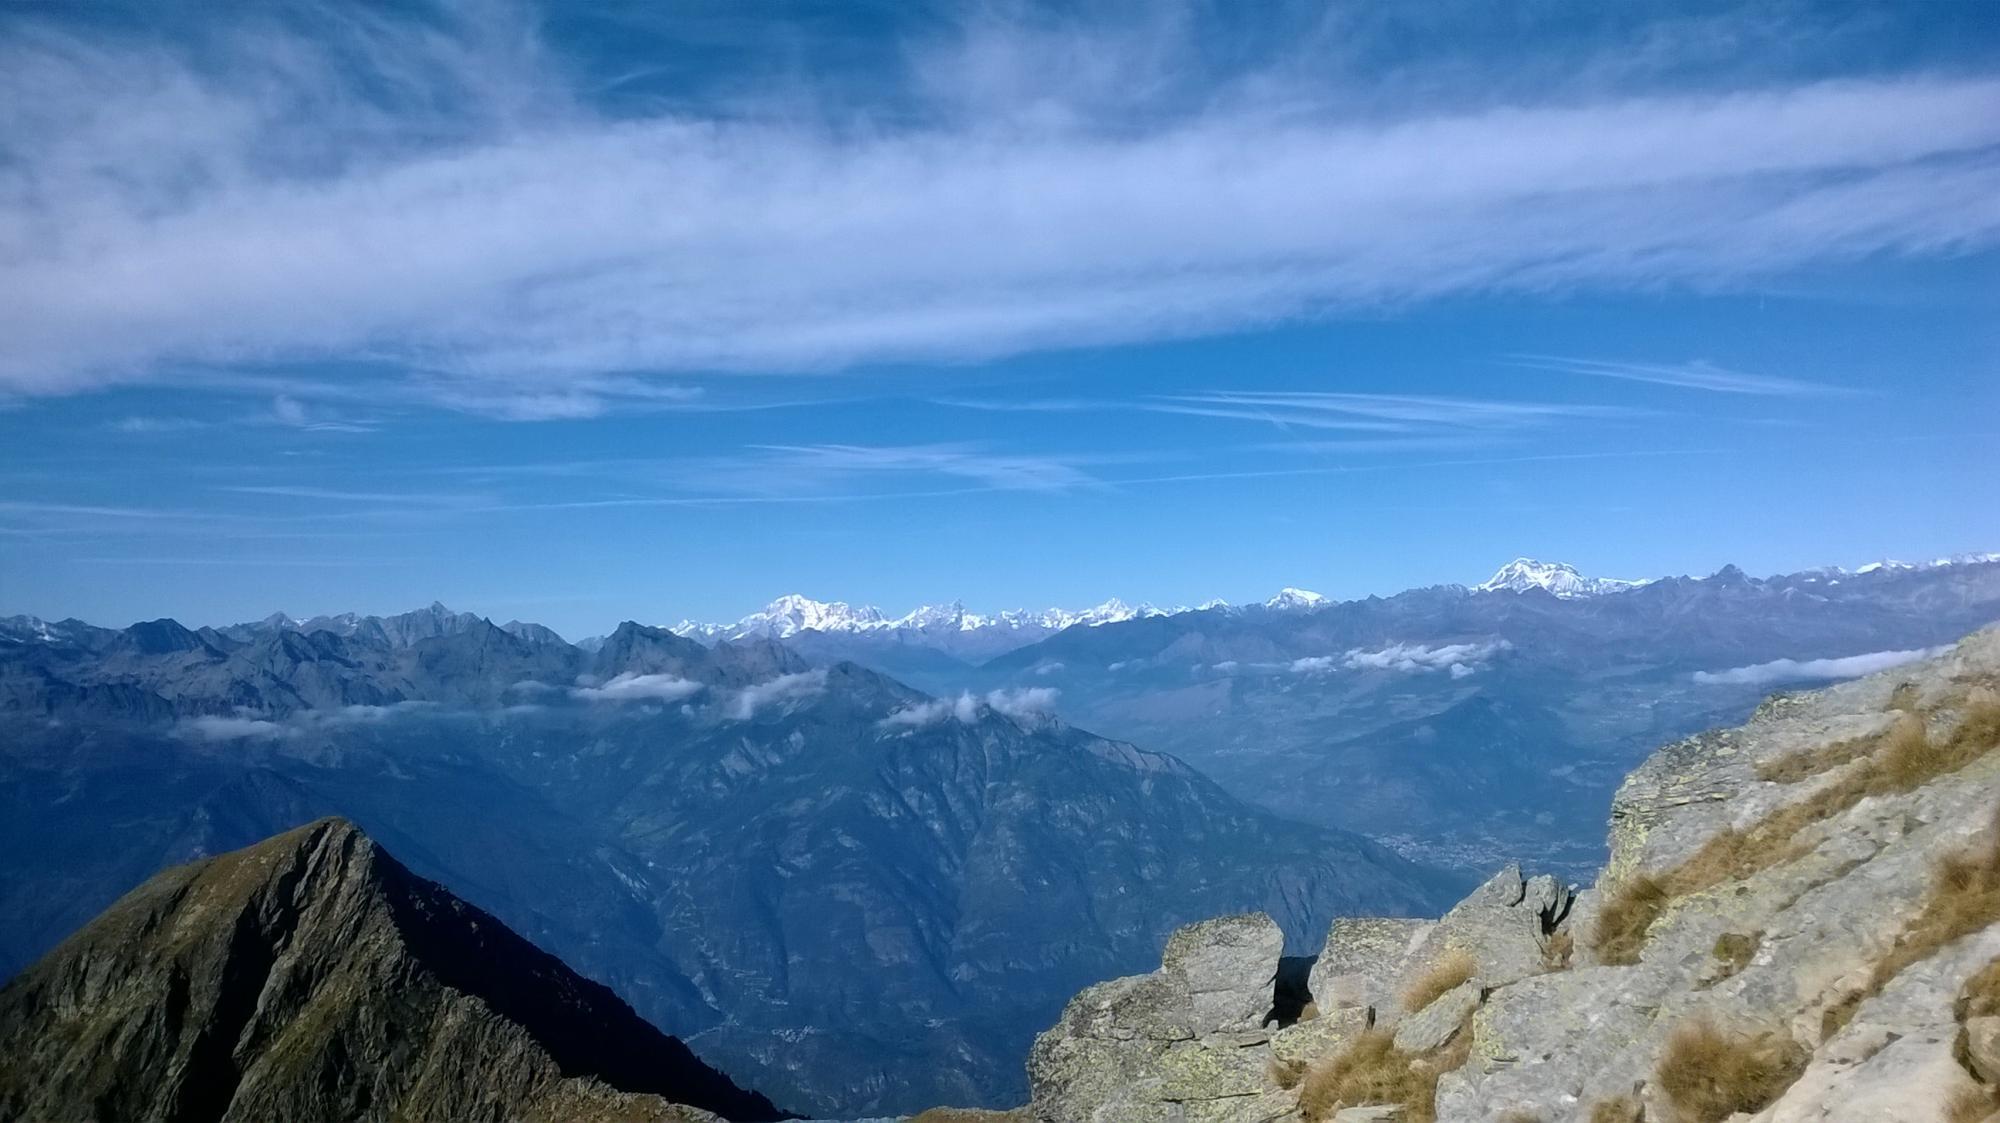 vista sull'alta valle dal monte bianco al gran conbin.